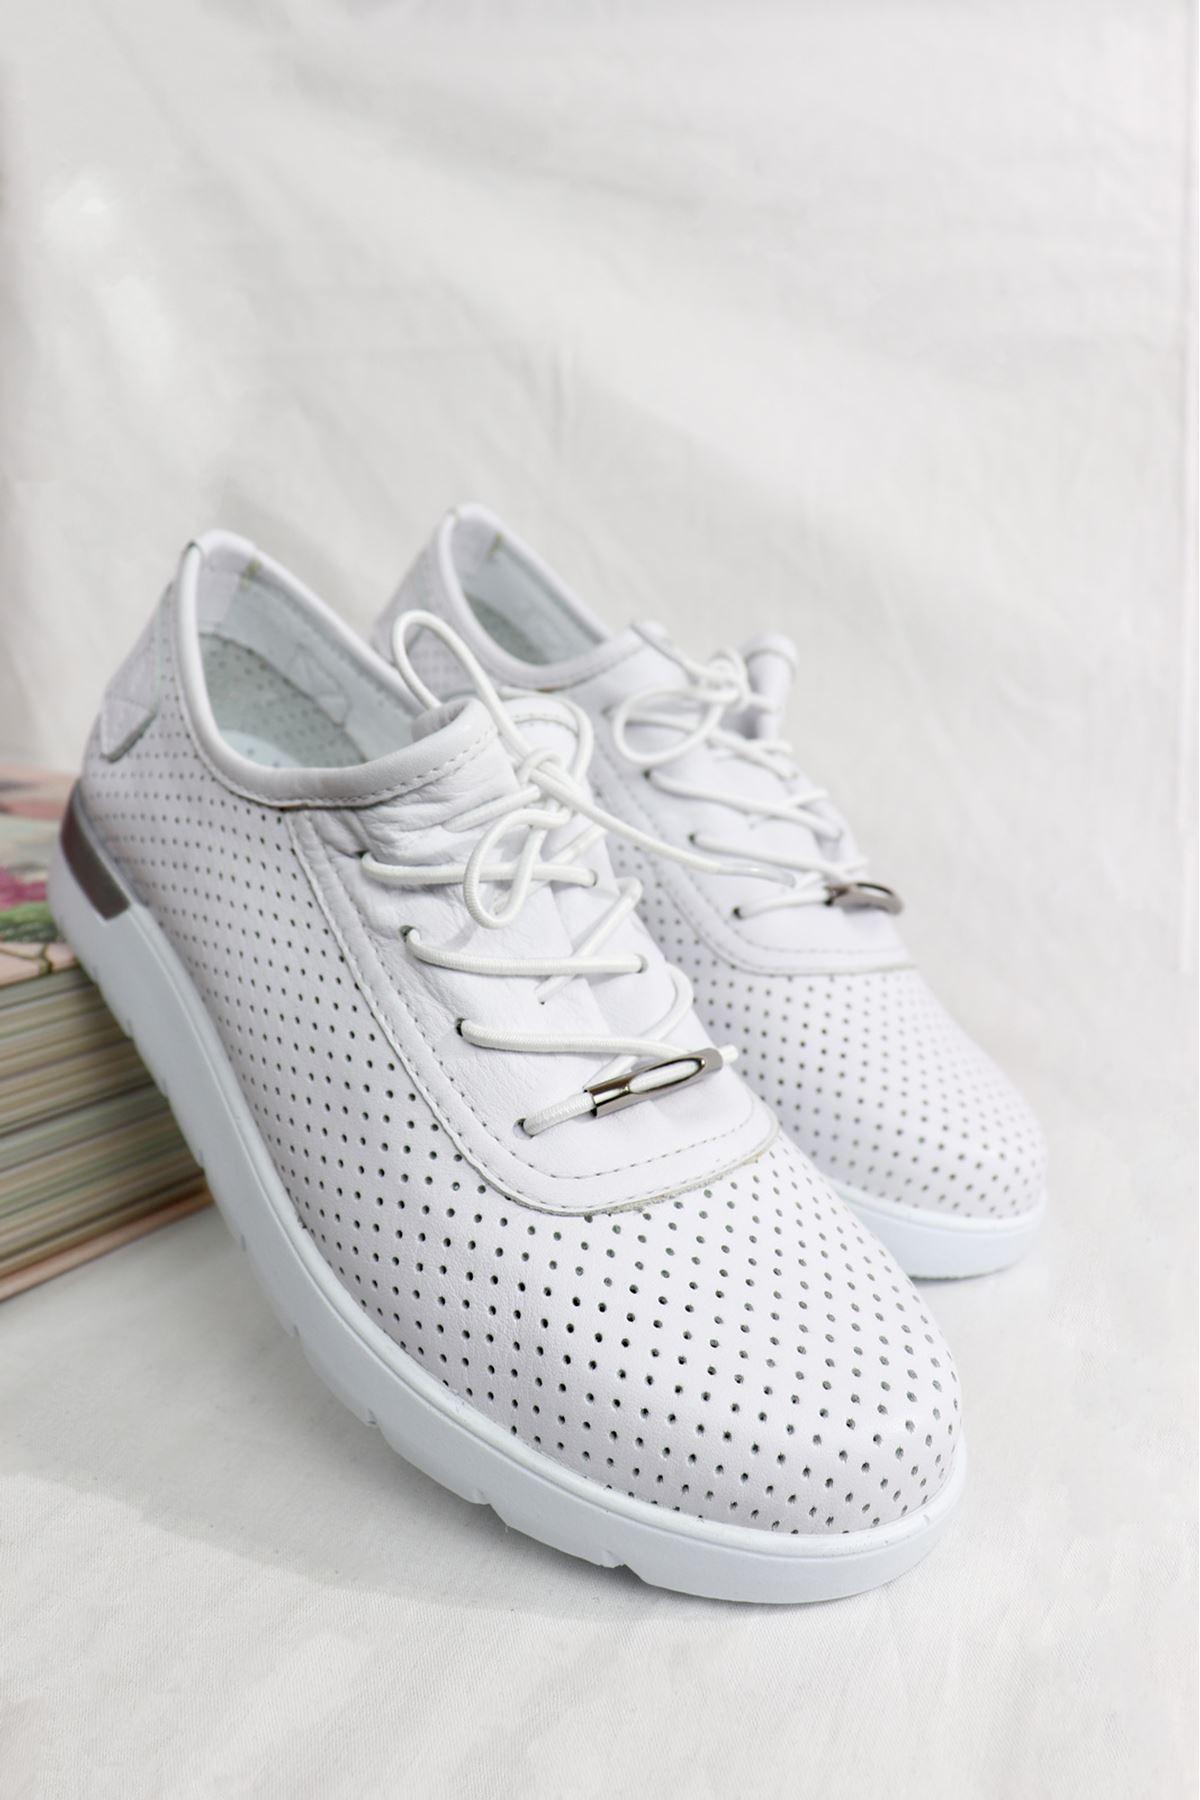 Trendayakkabı - 216 SPR CMF - Beyaz Kadın Ayakkabısı